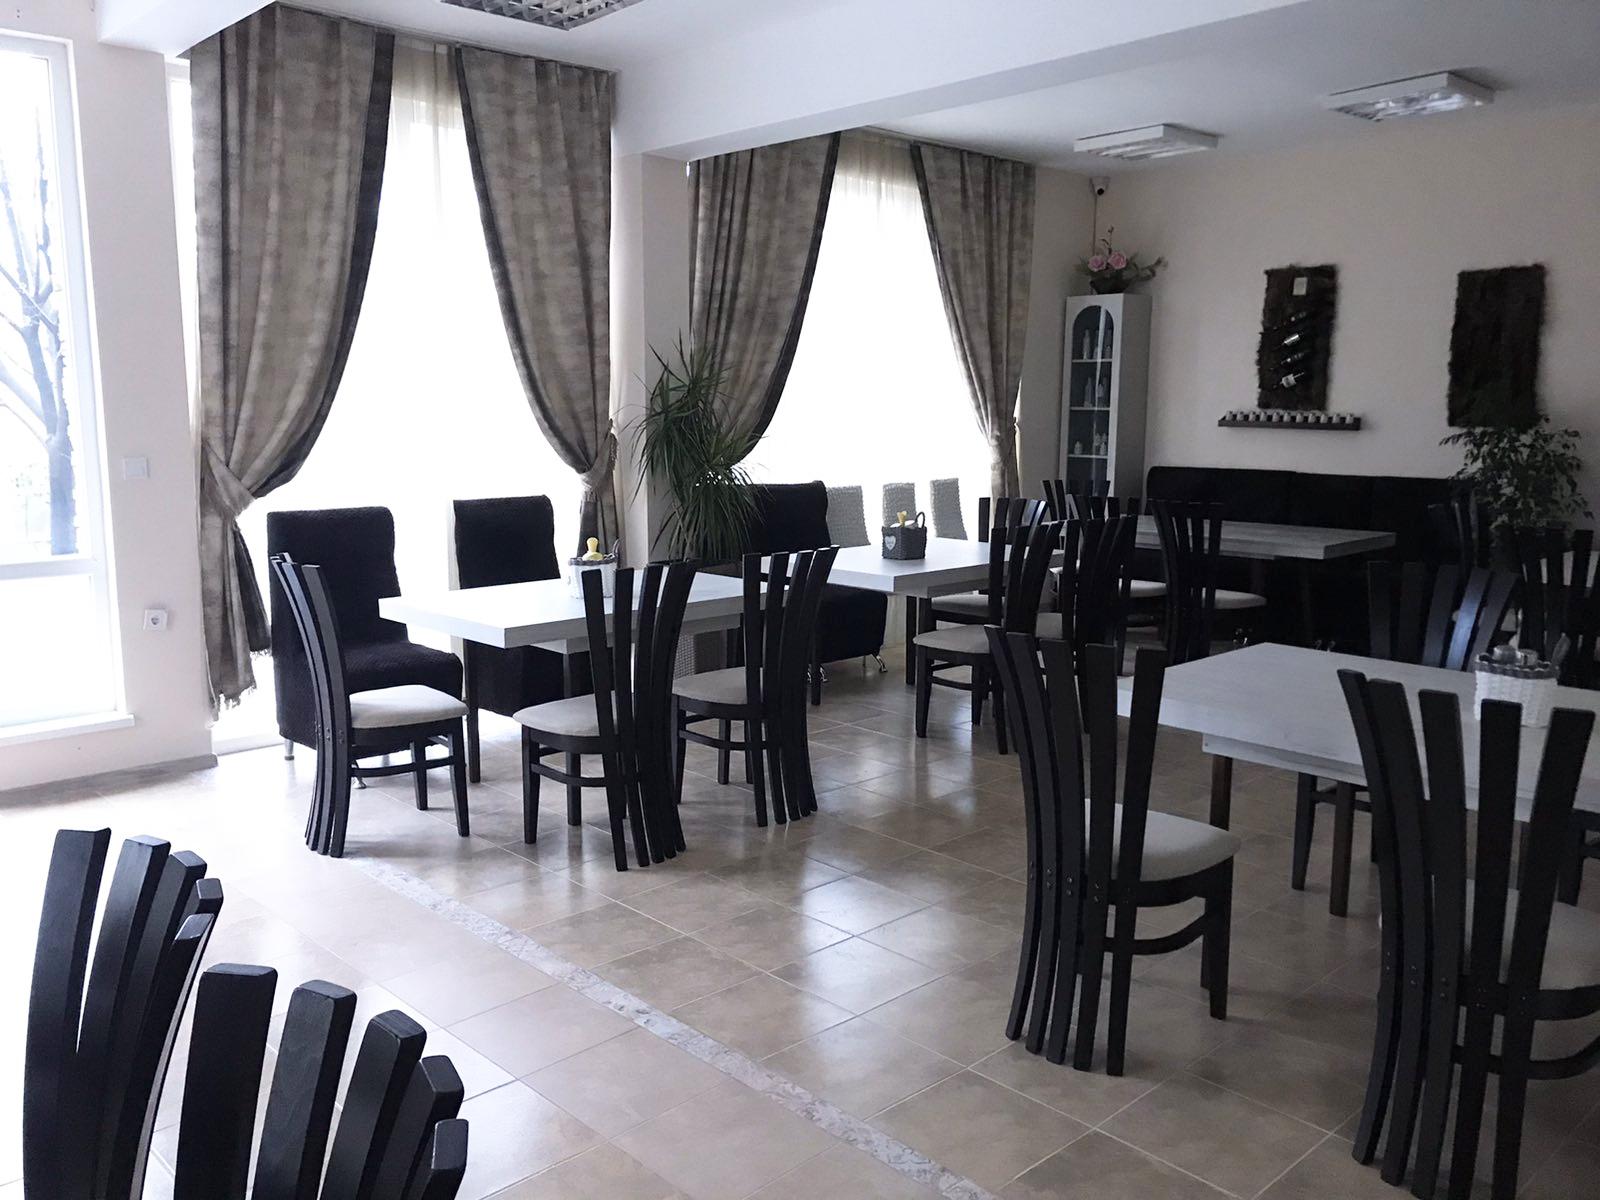 Нощувка за 15 човека + ползване на оборудван ресторант + зала за хранене от Семеен хотел Его, с. Минерални бани, снимка 4